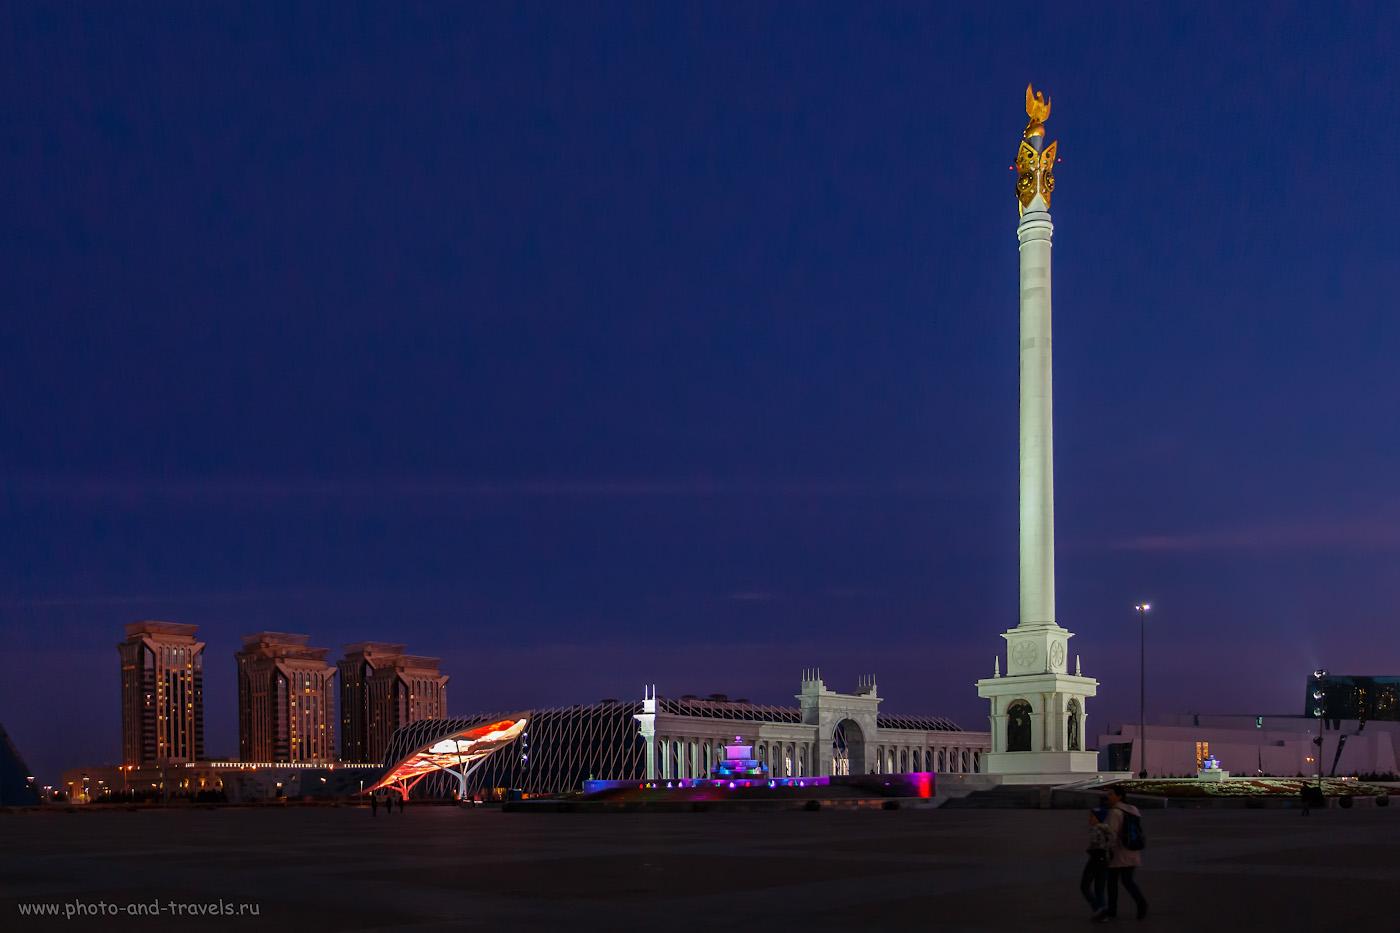 Фото 33. Площадь Независимости, монумент «Казак Ели» и экран-лист монумента «Стена Мира» в Астане. 1/20, -0.3, 3.5, 800, 18.